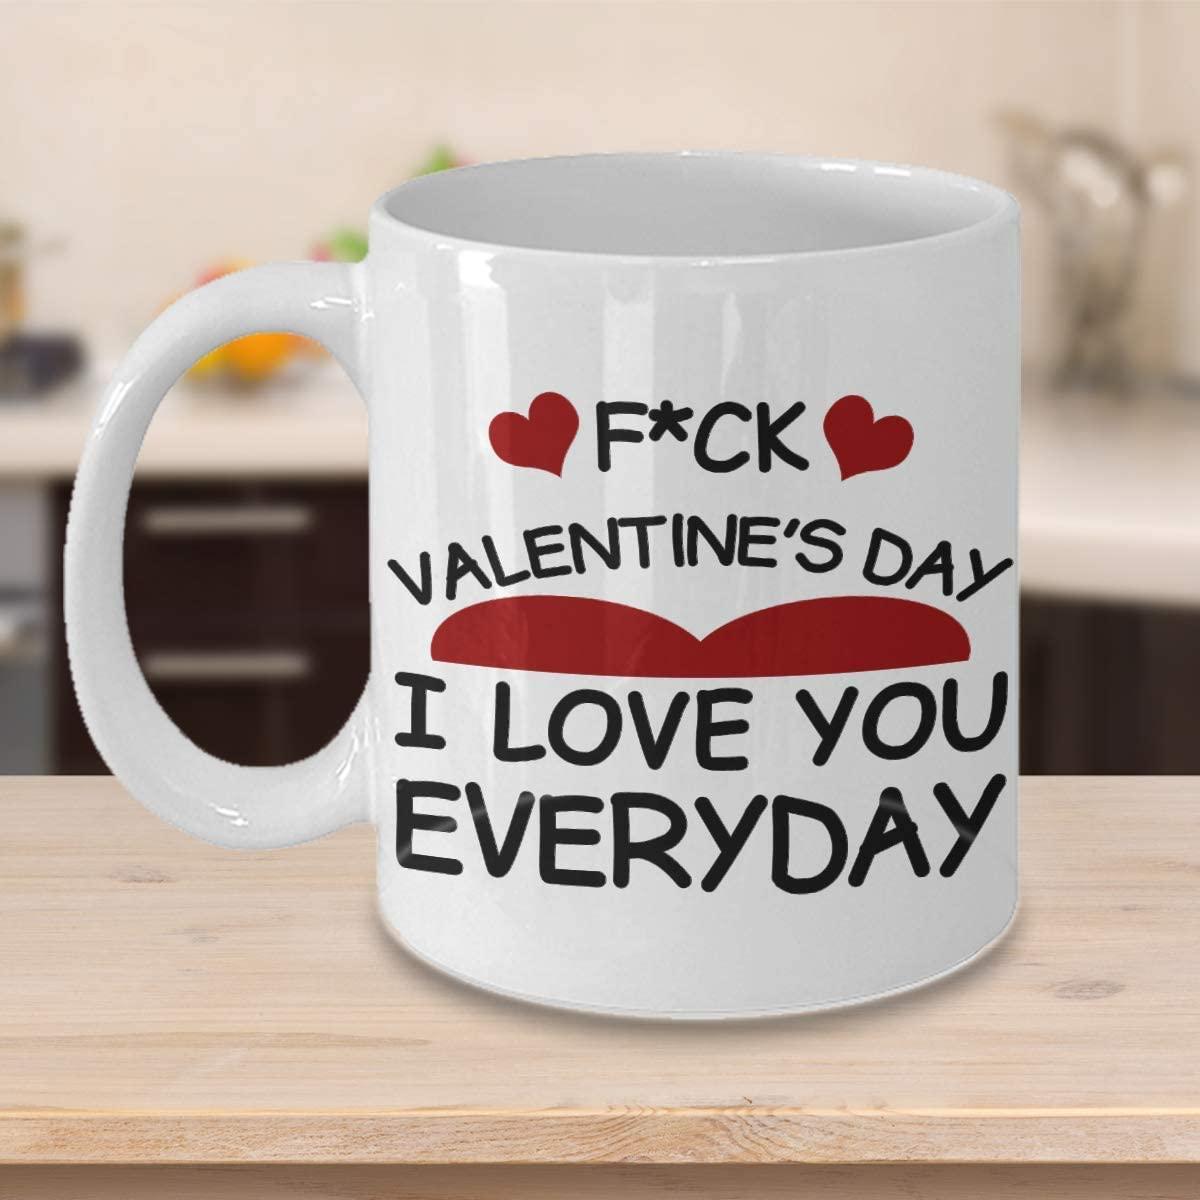 I Love You Every Day Mug